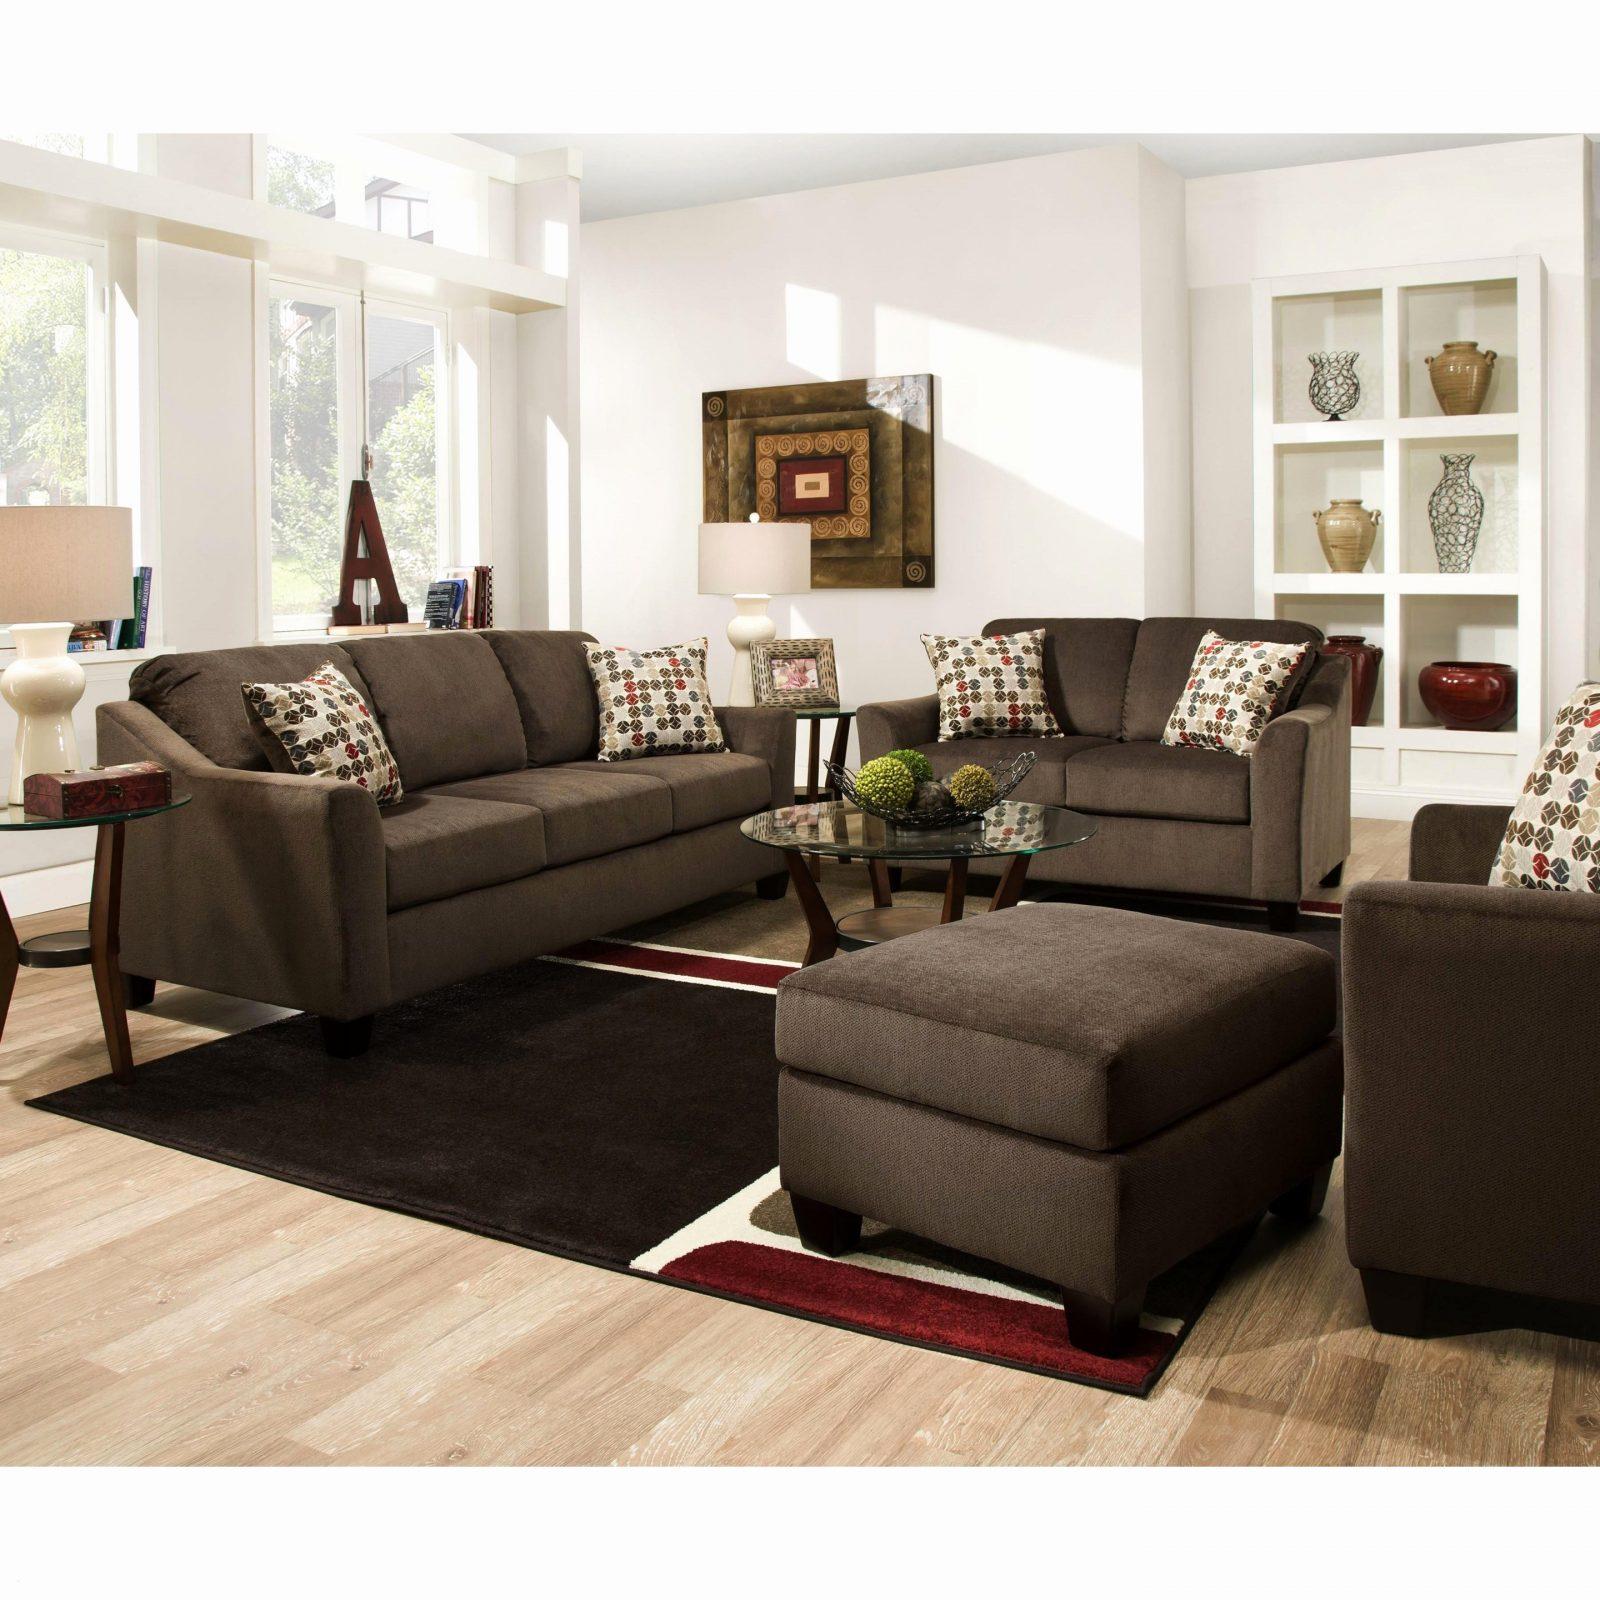 Wohnzimmer Graues Sofa Welche Wandfarbe Kombinieren Mit von Anthrazit Couch Wohnzimmer Farbe Bild